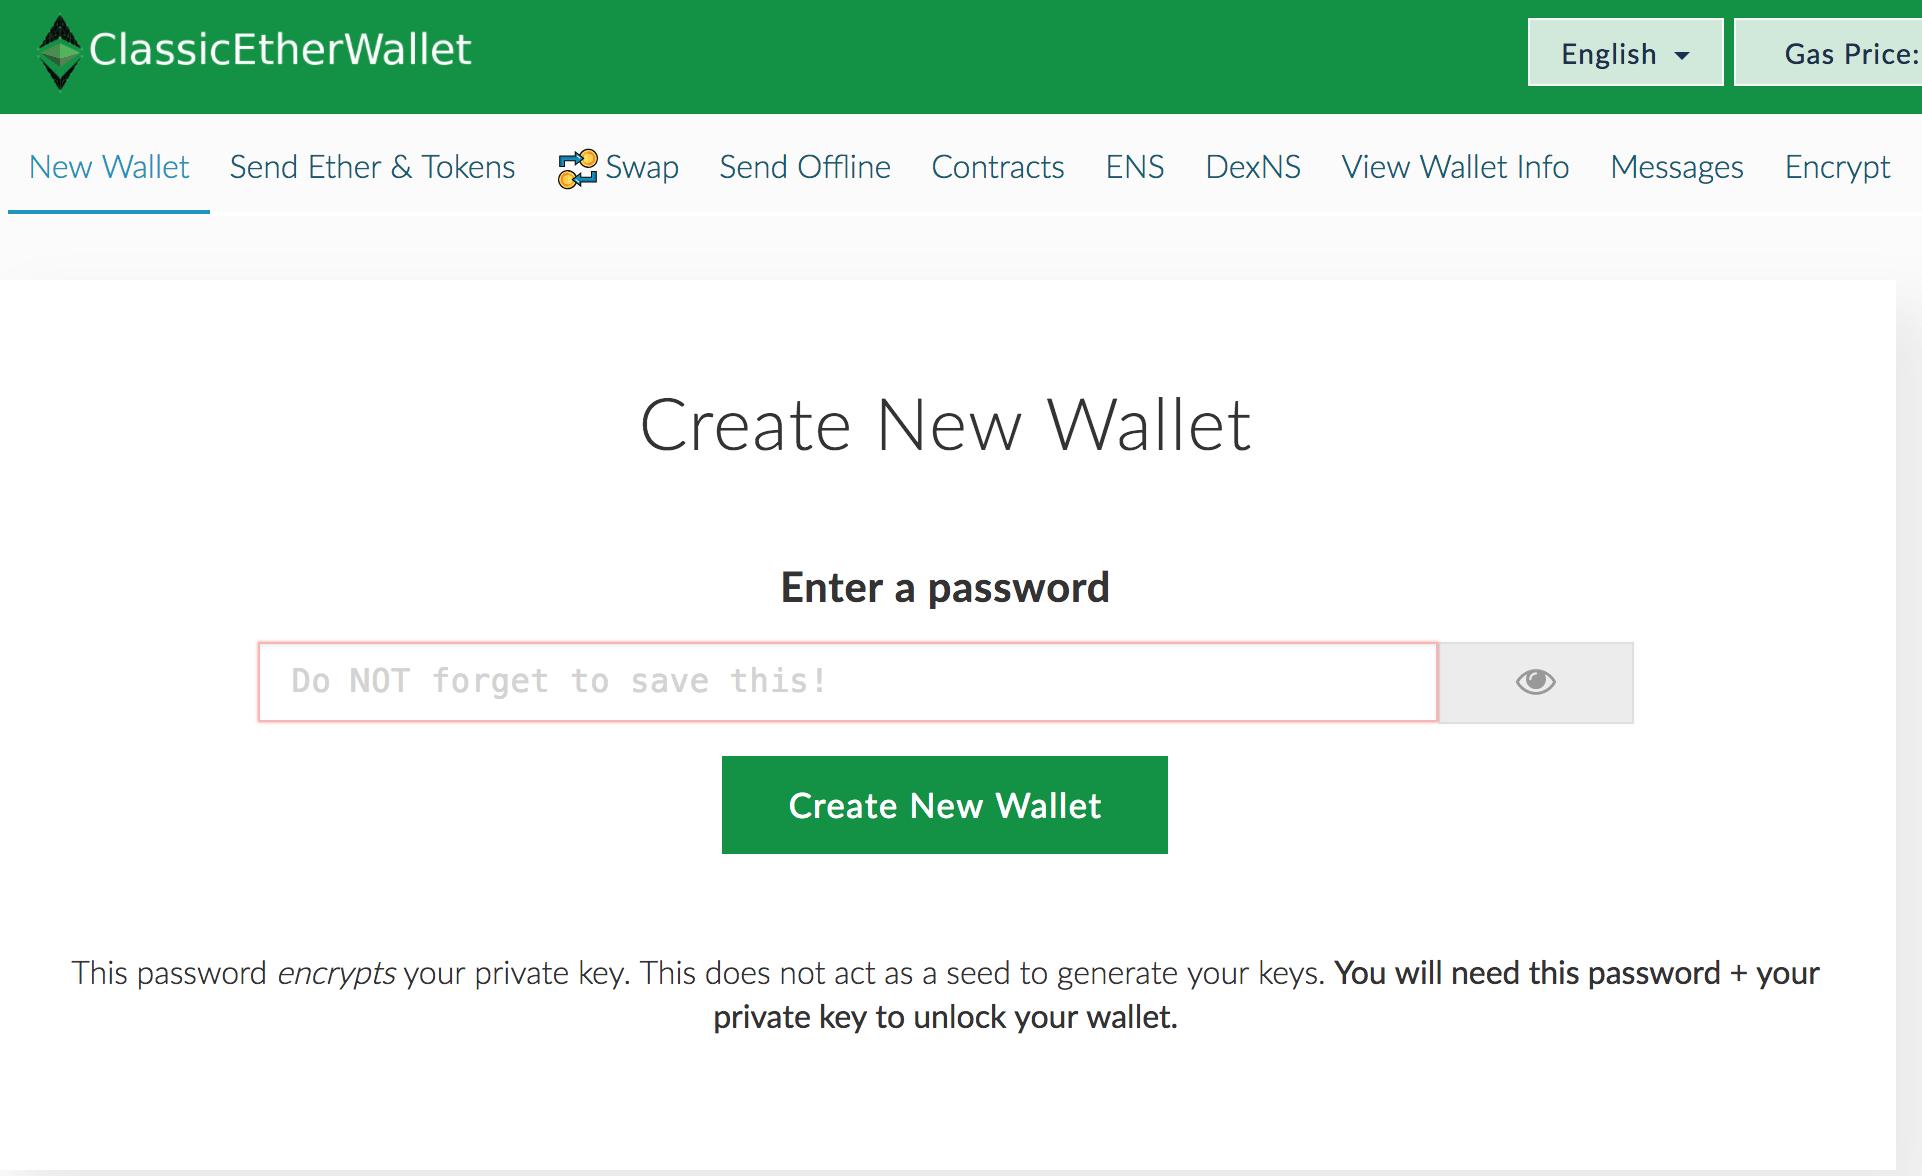 Utworzenie adresu Ethereum Classic wymaga zabezpieczenia hasła i ściągnięcia pliku z kluczem prywatnym. Nie zapomnij zabezpieczyć plików.